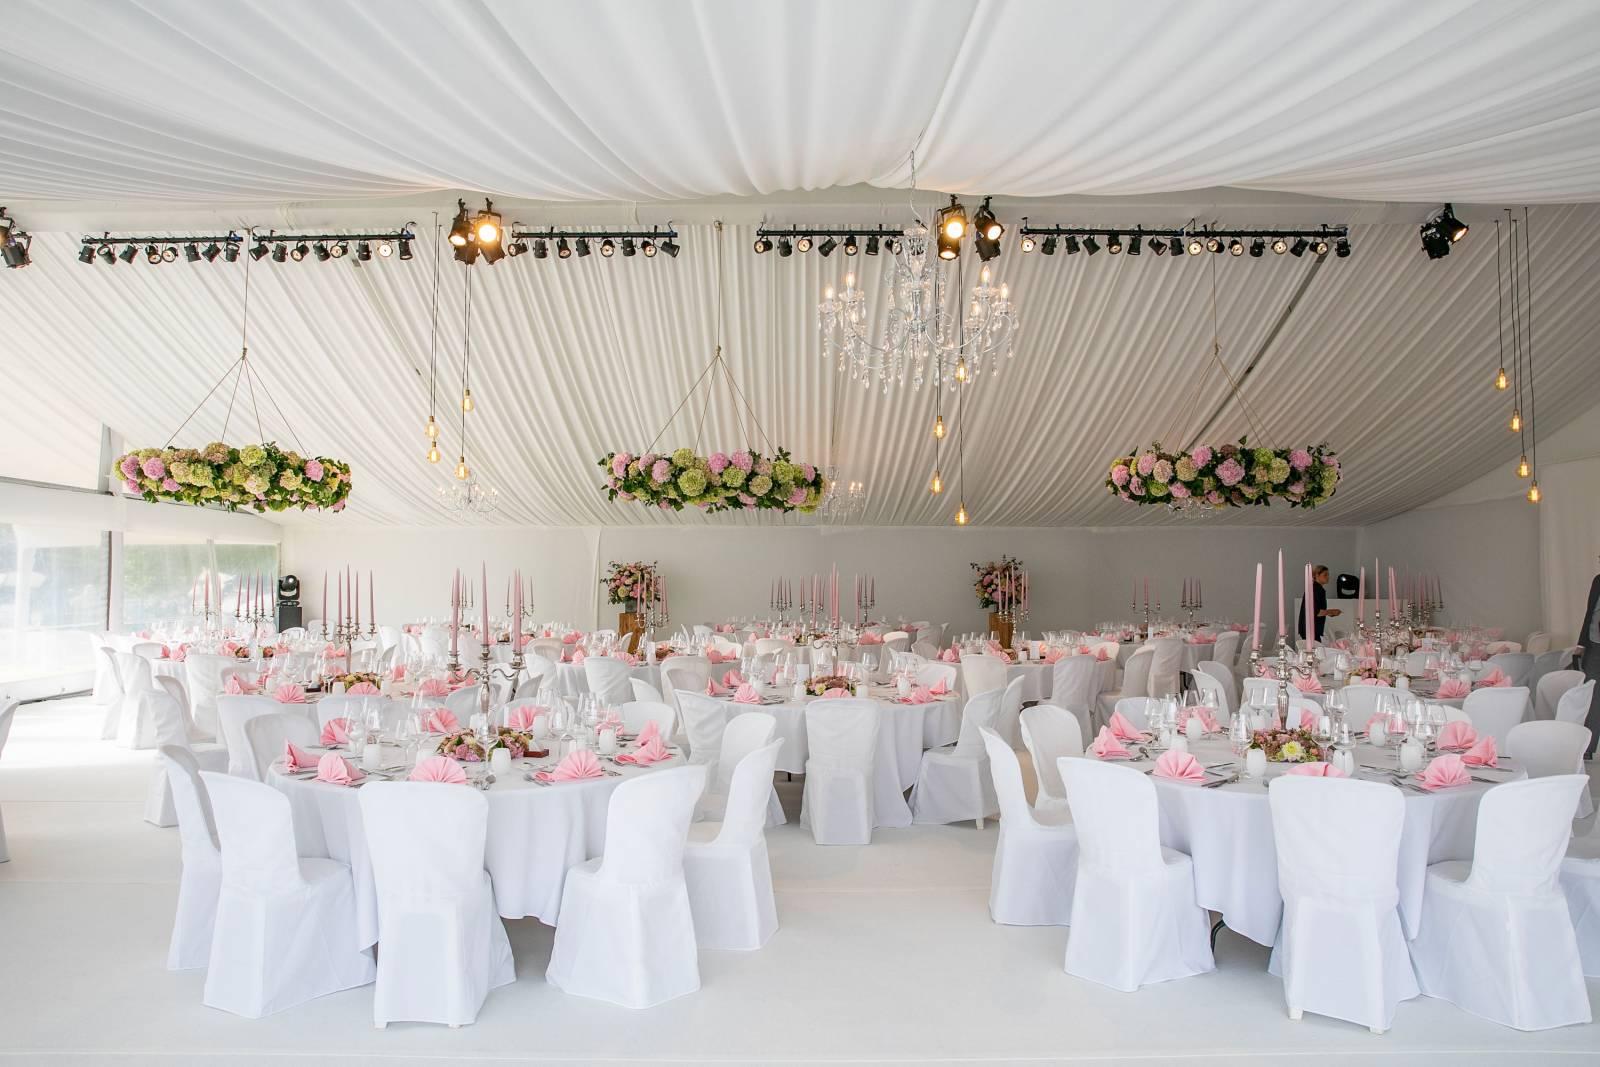 Nima Rent - Trouwdecoratie - House of Weddings - 6